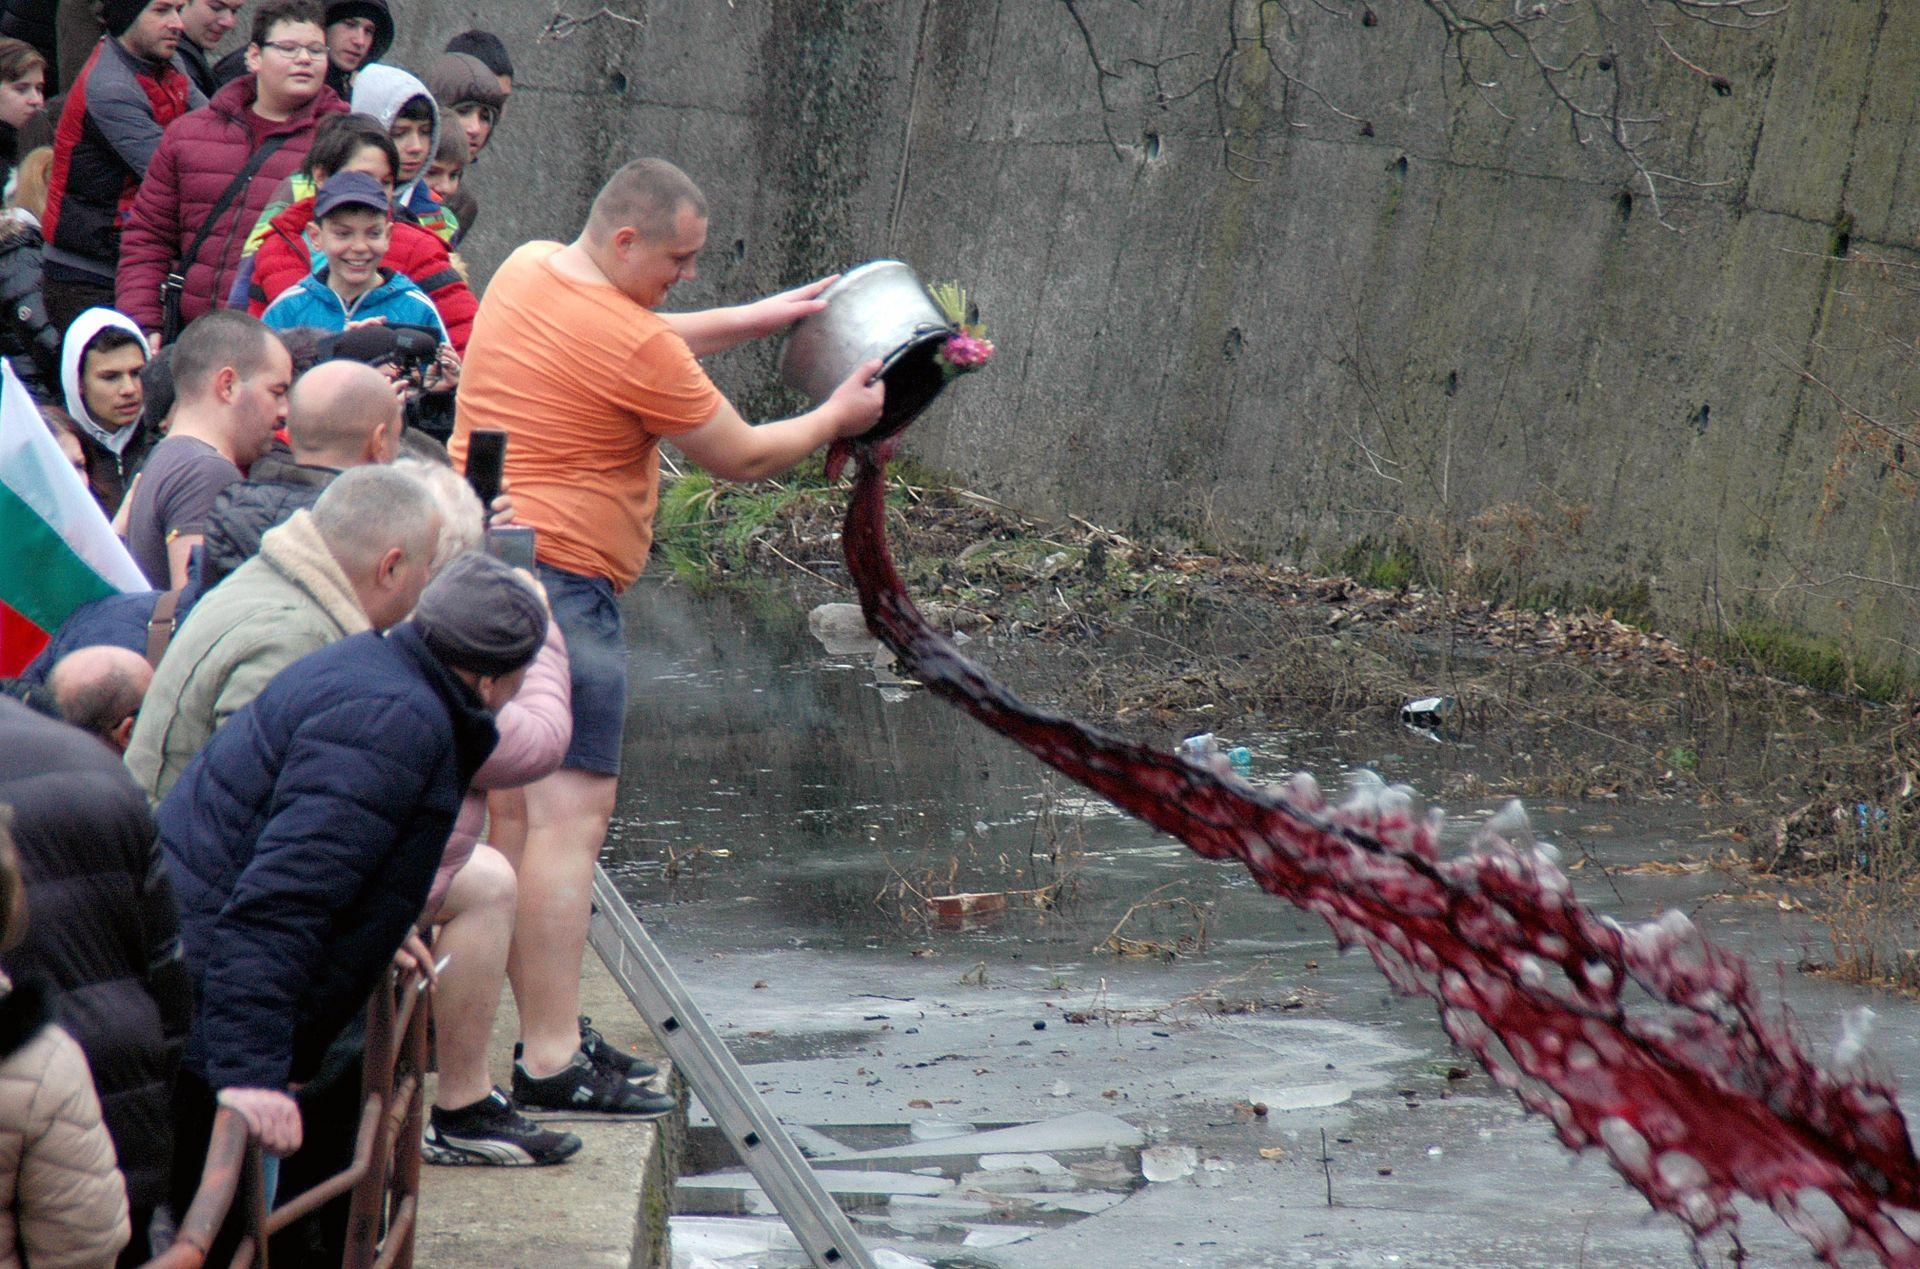 Преди да скочат във водата младоженците изсипват в нея менче с вино